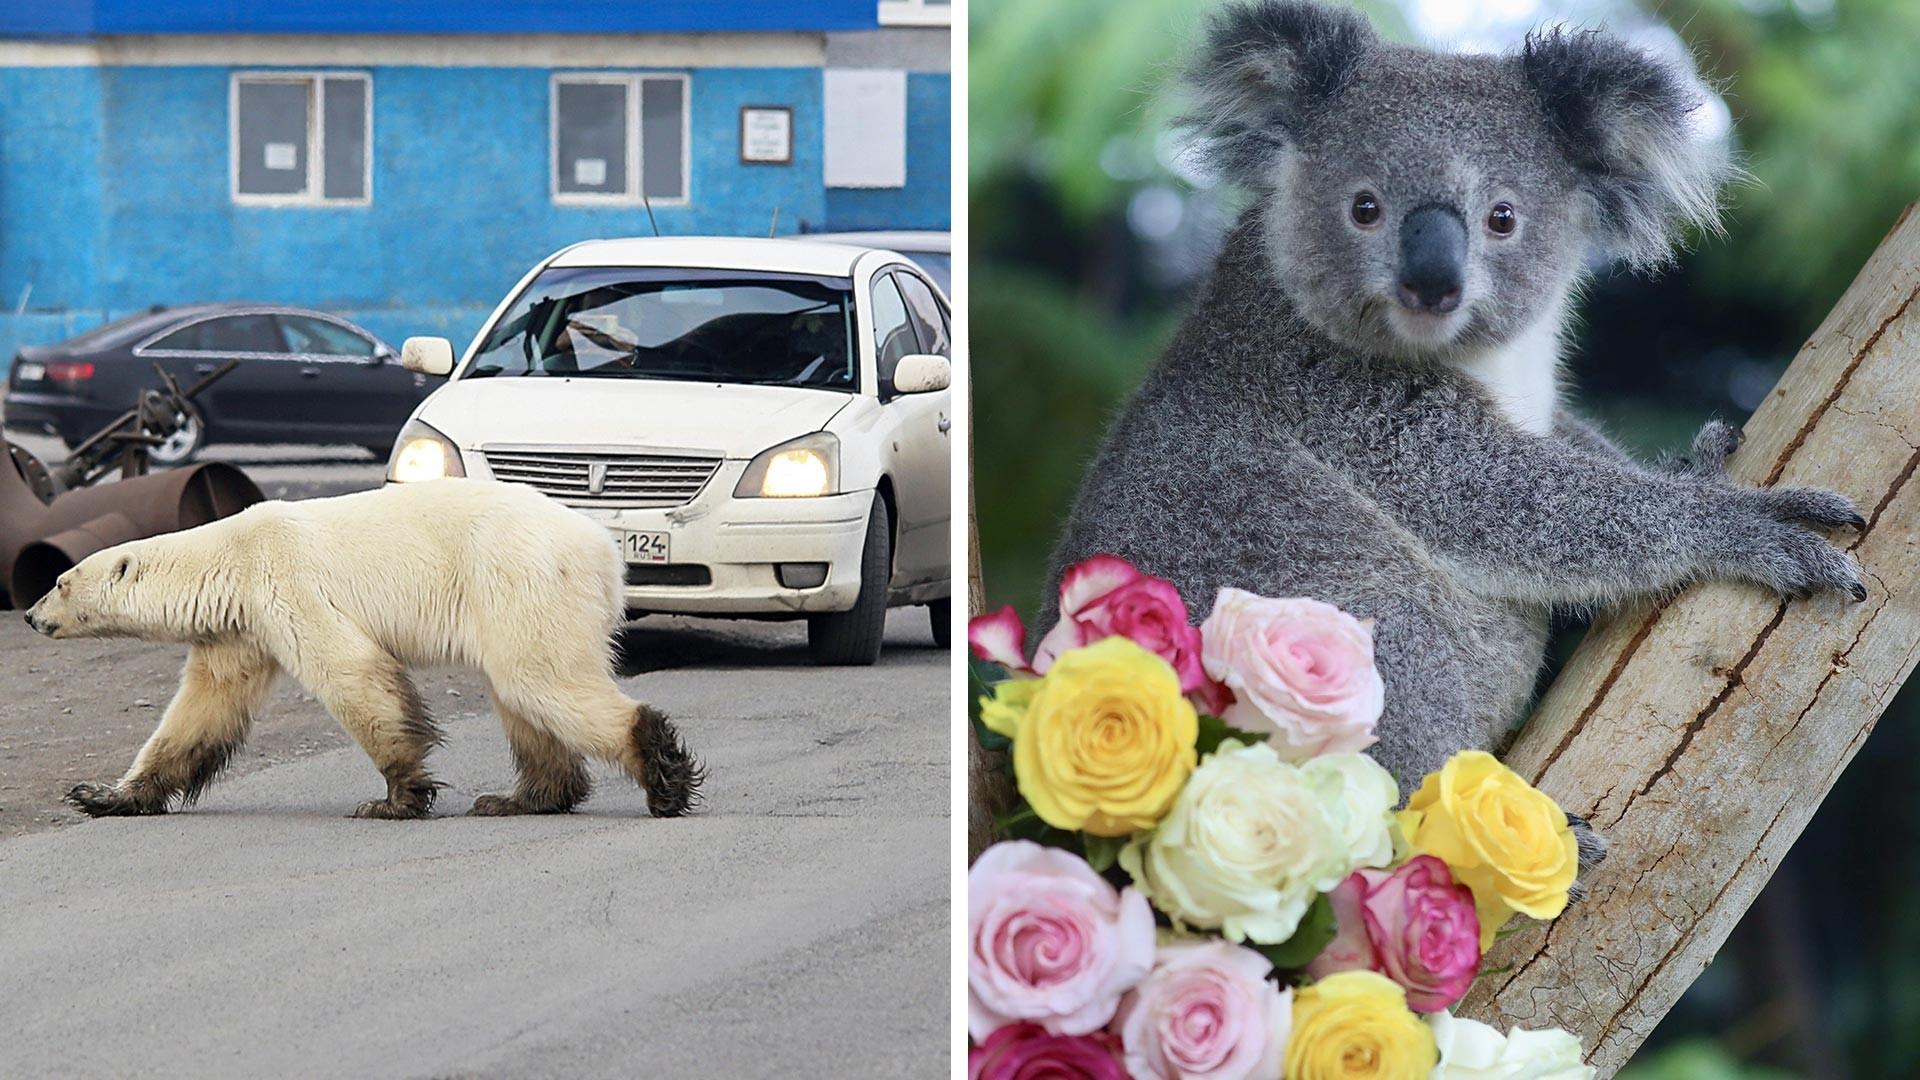 Apakah Anda akan memberi tahu beruang kutub ini bahwa dia salah menyeberang jalan?